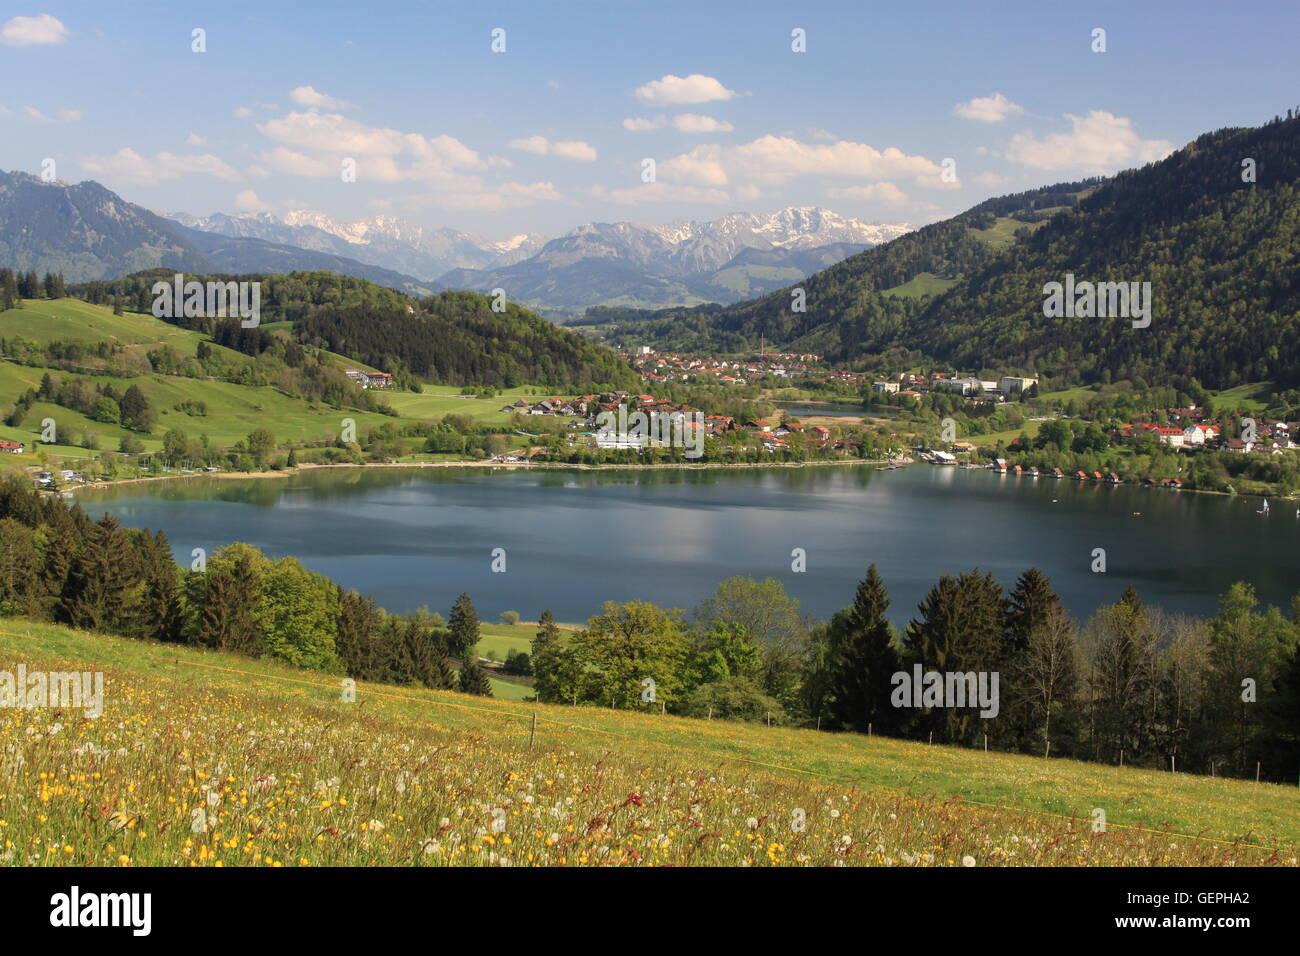 geography / travel, Germany, Bavaria, Allgaeu, Upper Allgaeu, Grosser Alpsee near Immenstadt, Allgaeu Alps,, No - Stock Image